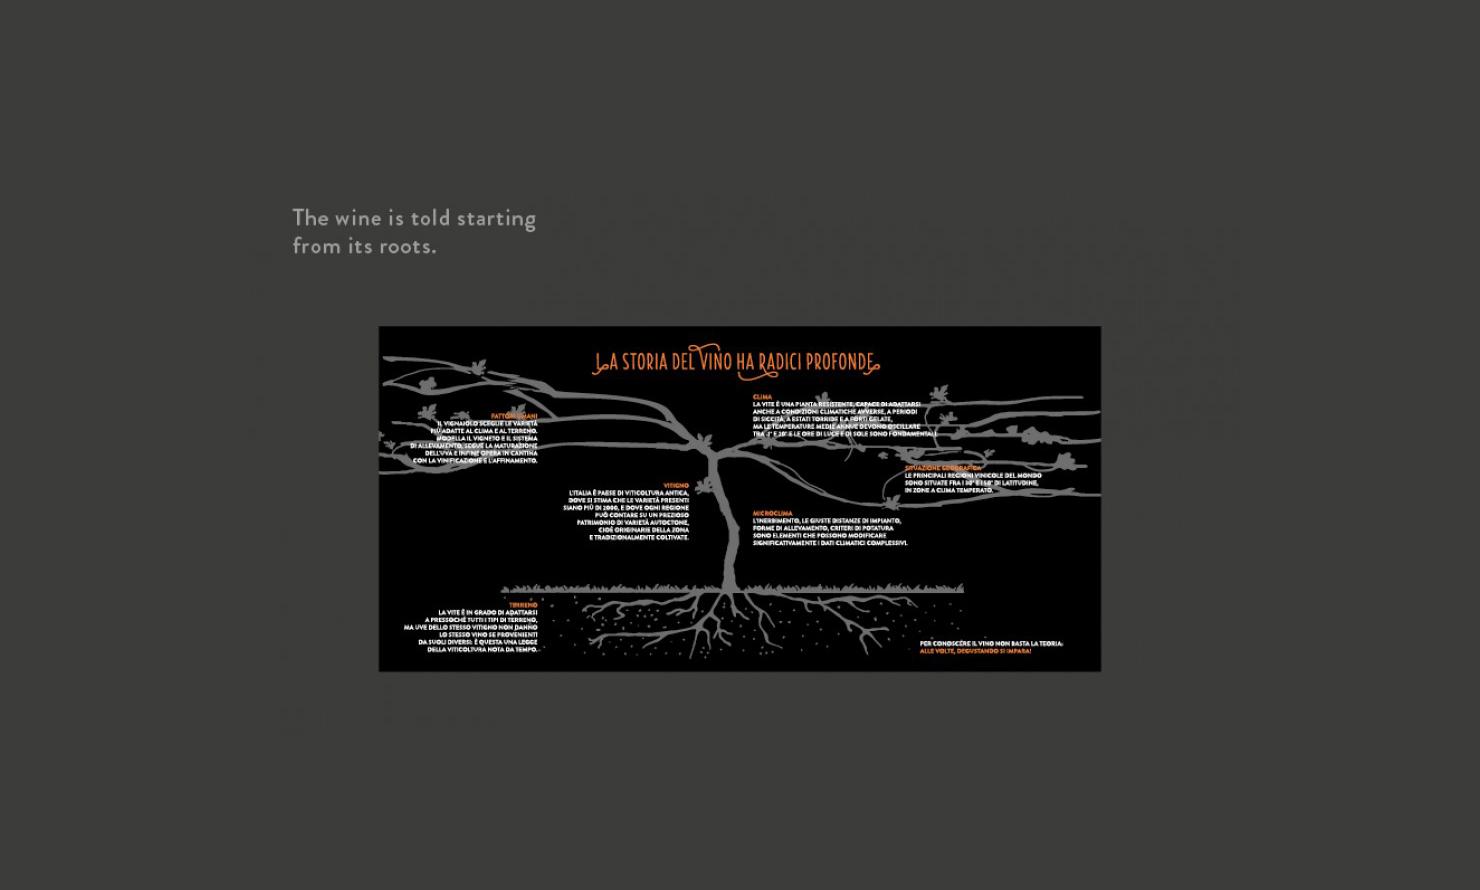 https://kubelibre.com/uploads/Slider-work-tutti-clienti/manital-vistaterra-alle-volte-l-enoteca-di-vistaterra-5.jpg